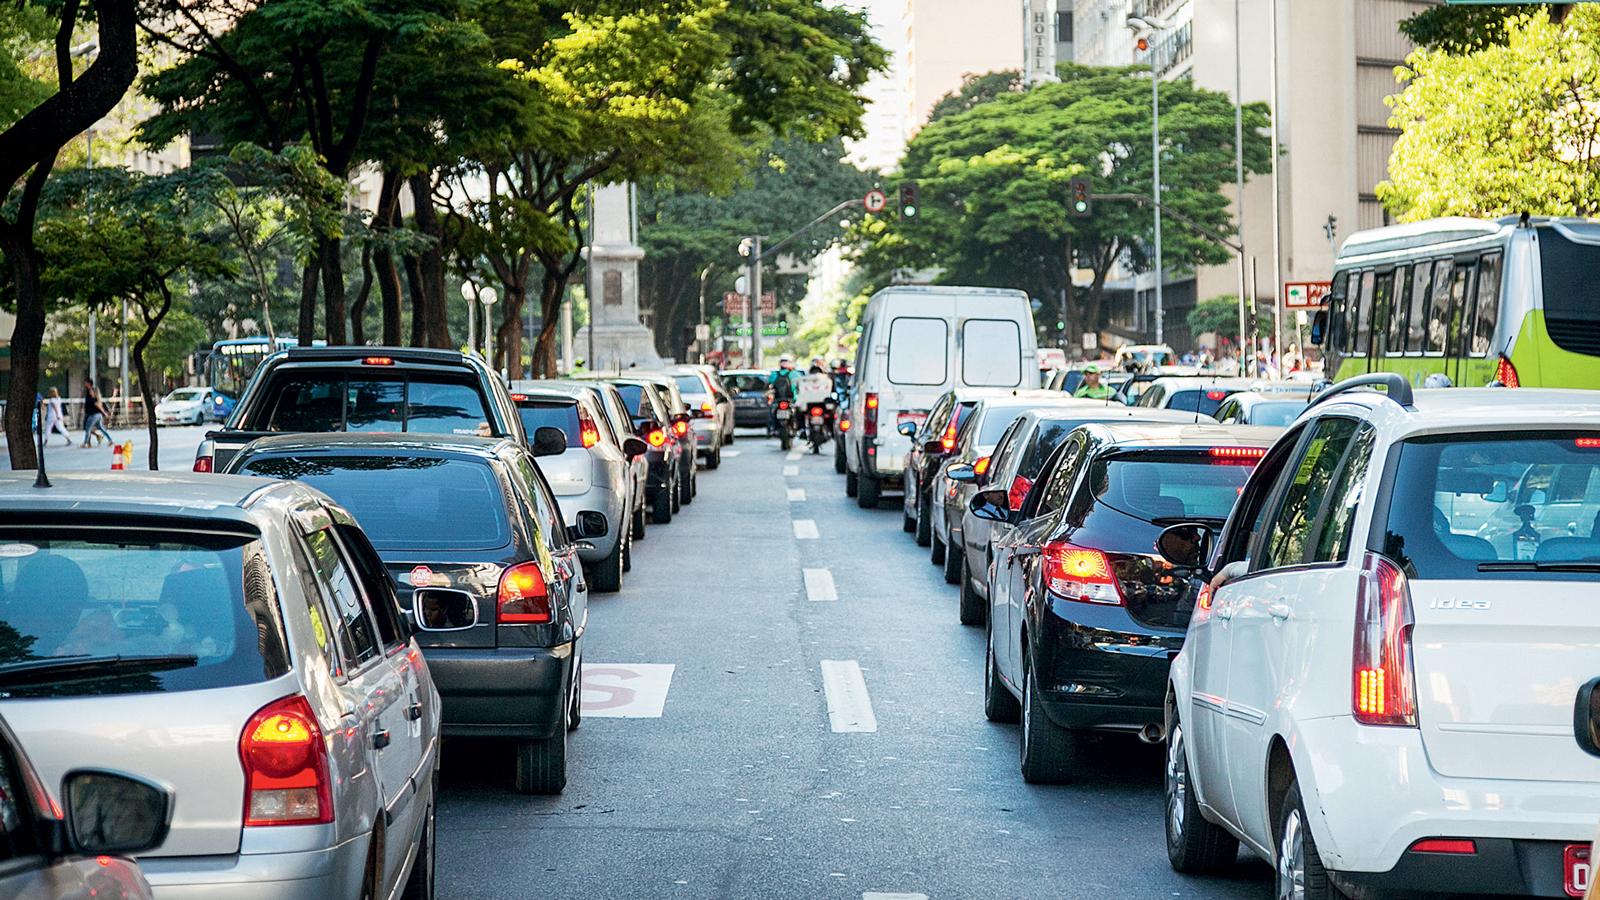 Trânsito pesado: clássico caso de uso severo